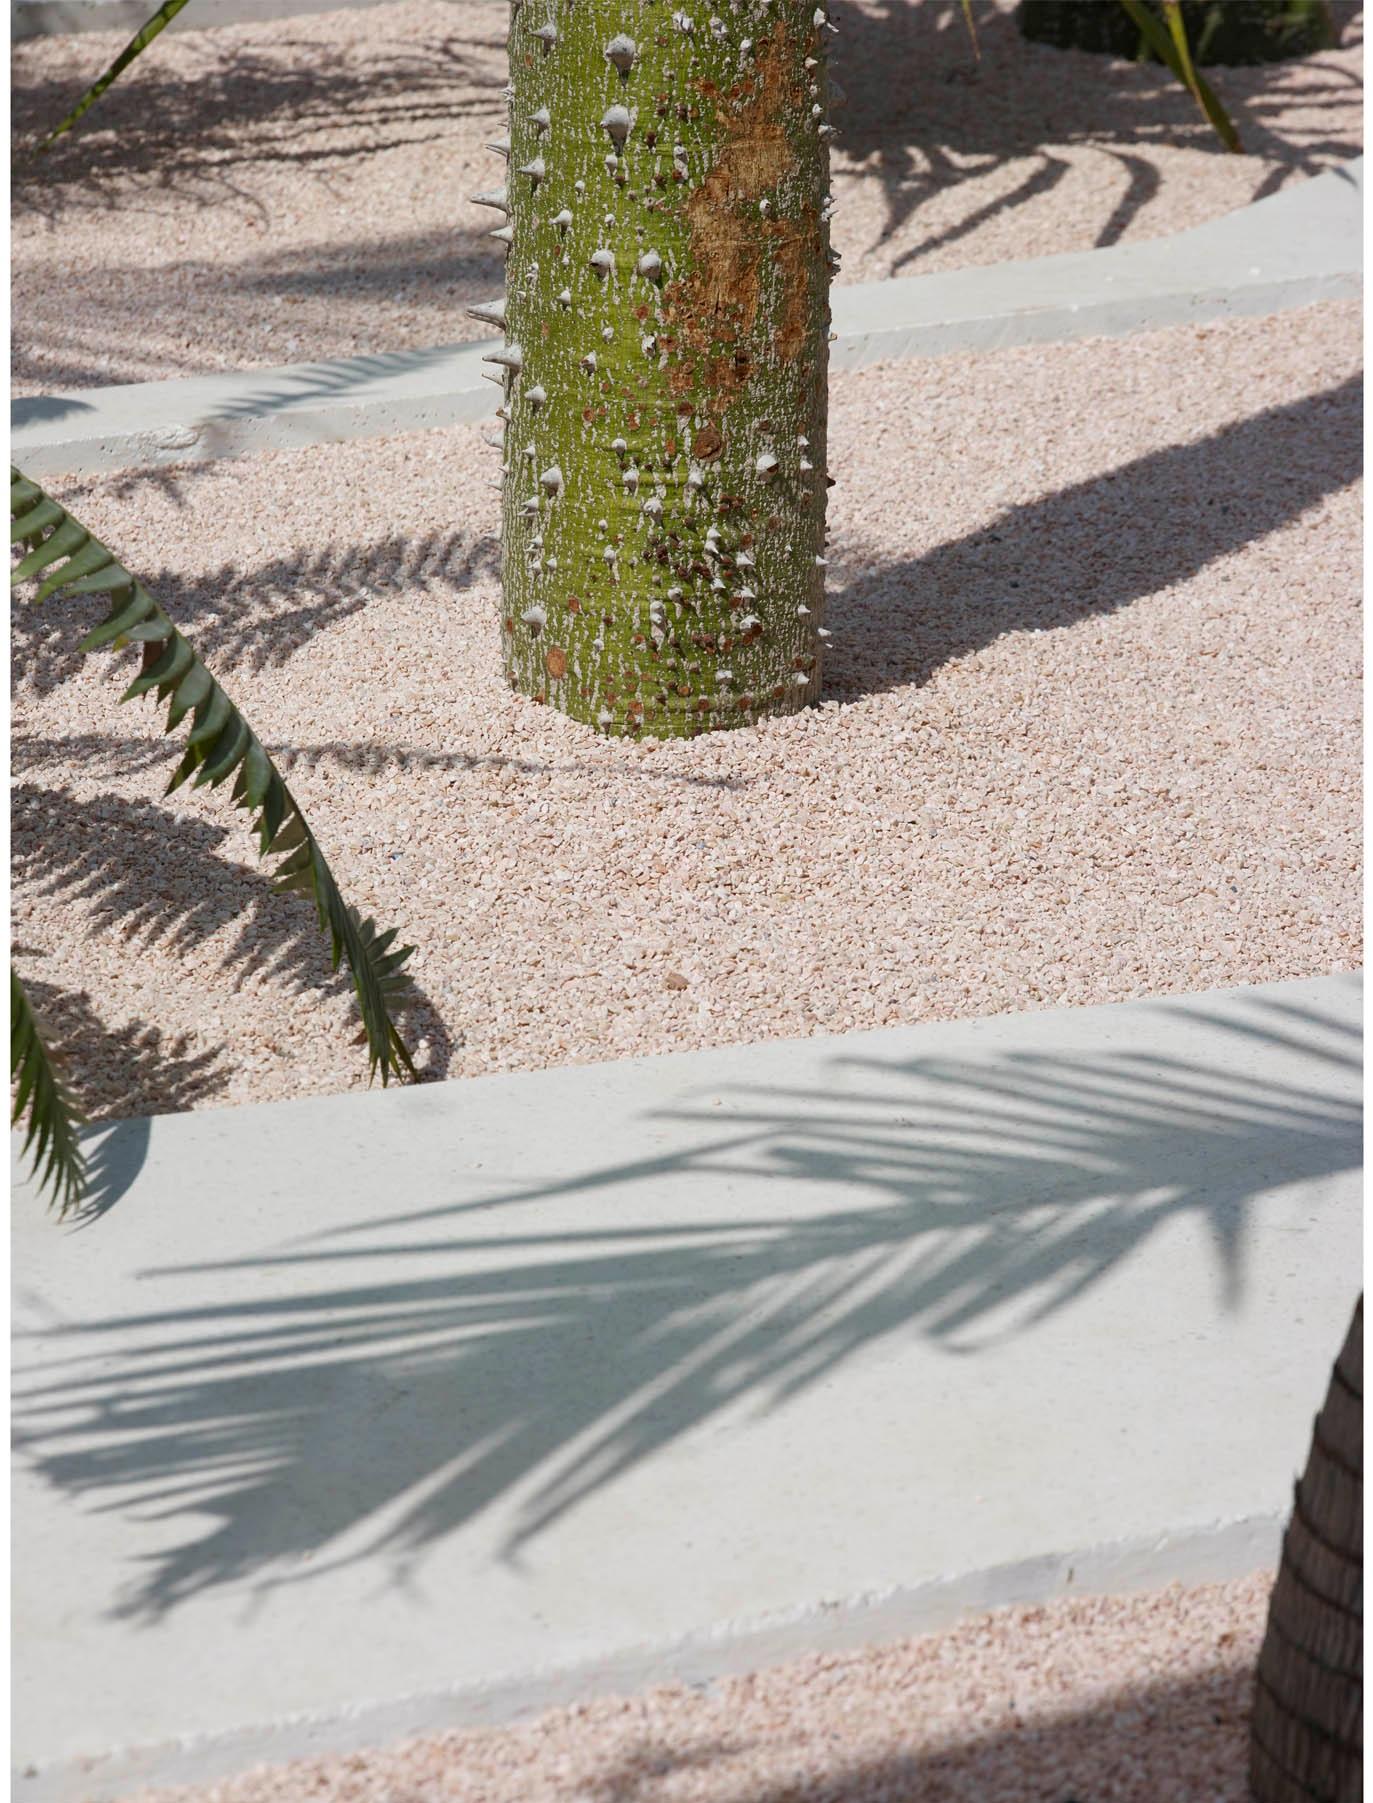 Jameel Art Centre_Anouk Vogel_Dubai_2018_©Jeroen Musch 5.jpg